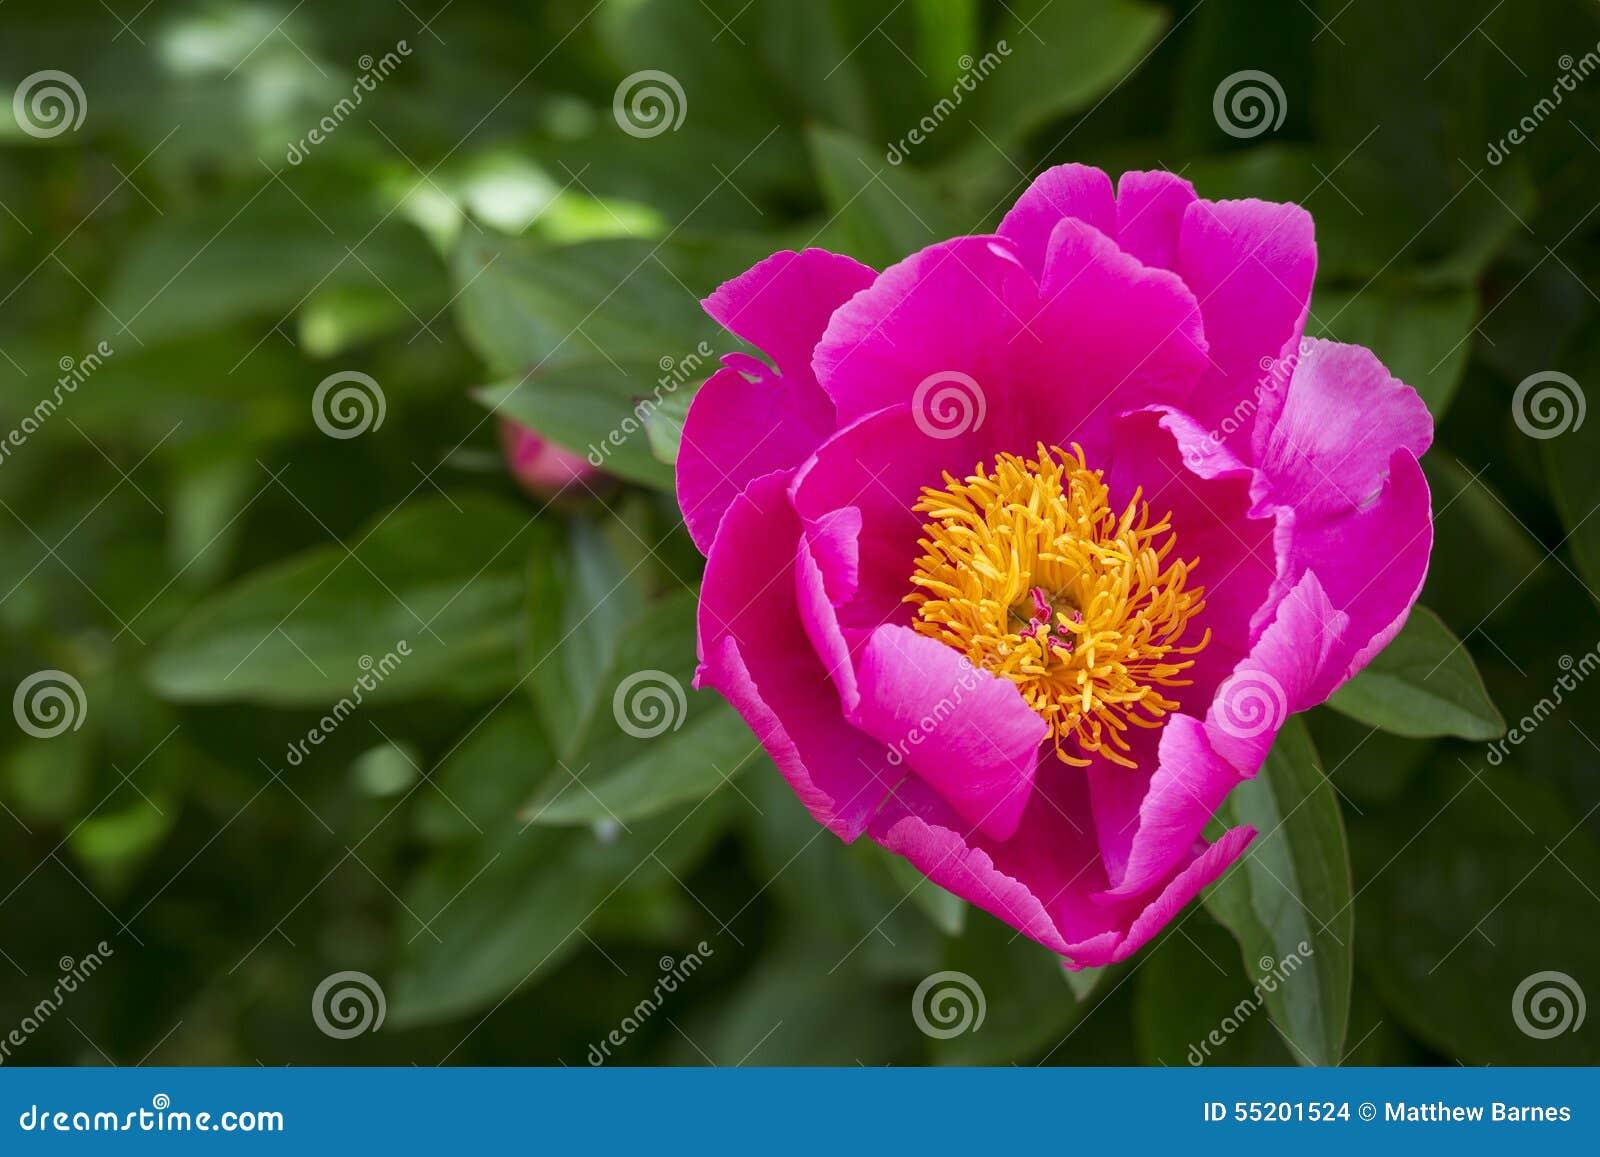 fleur rose de pivoine avec le centre jaune photo stock - image